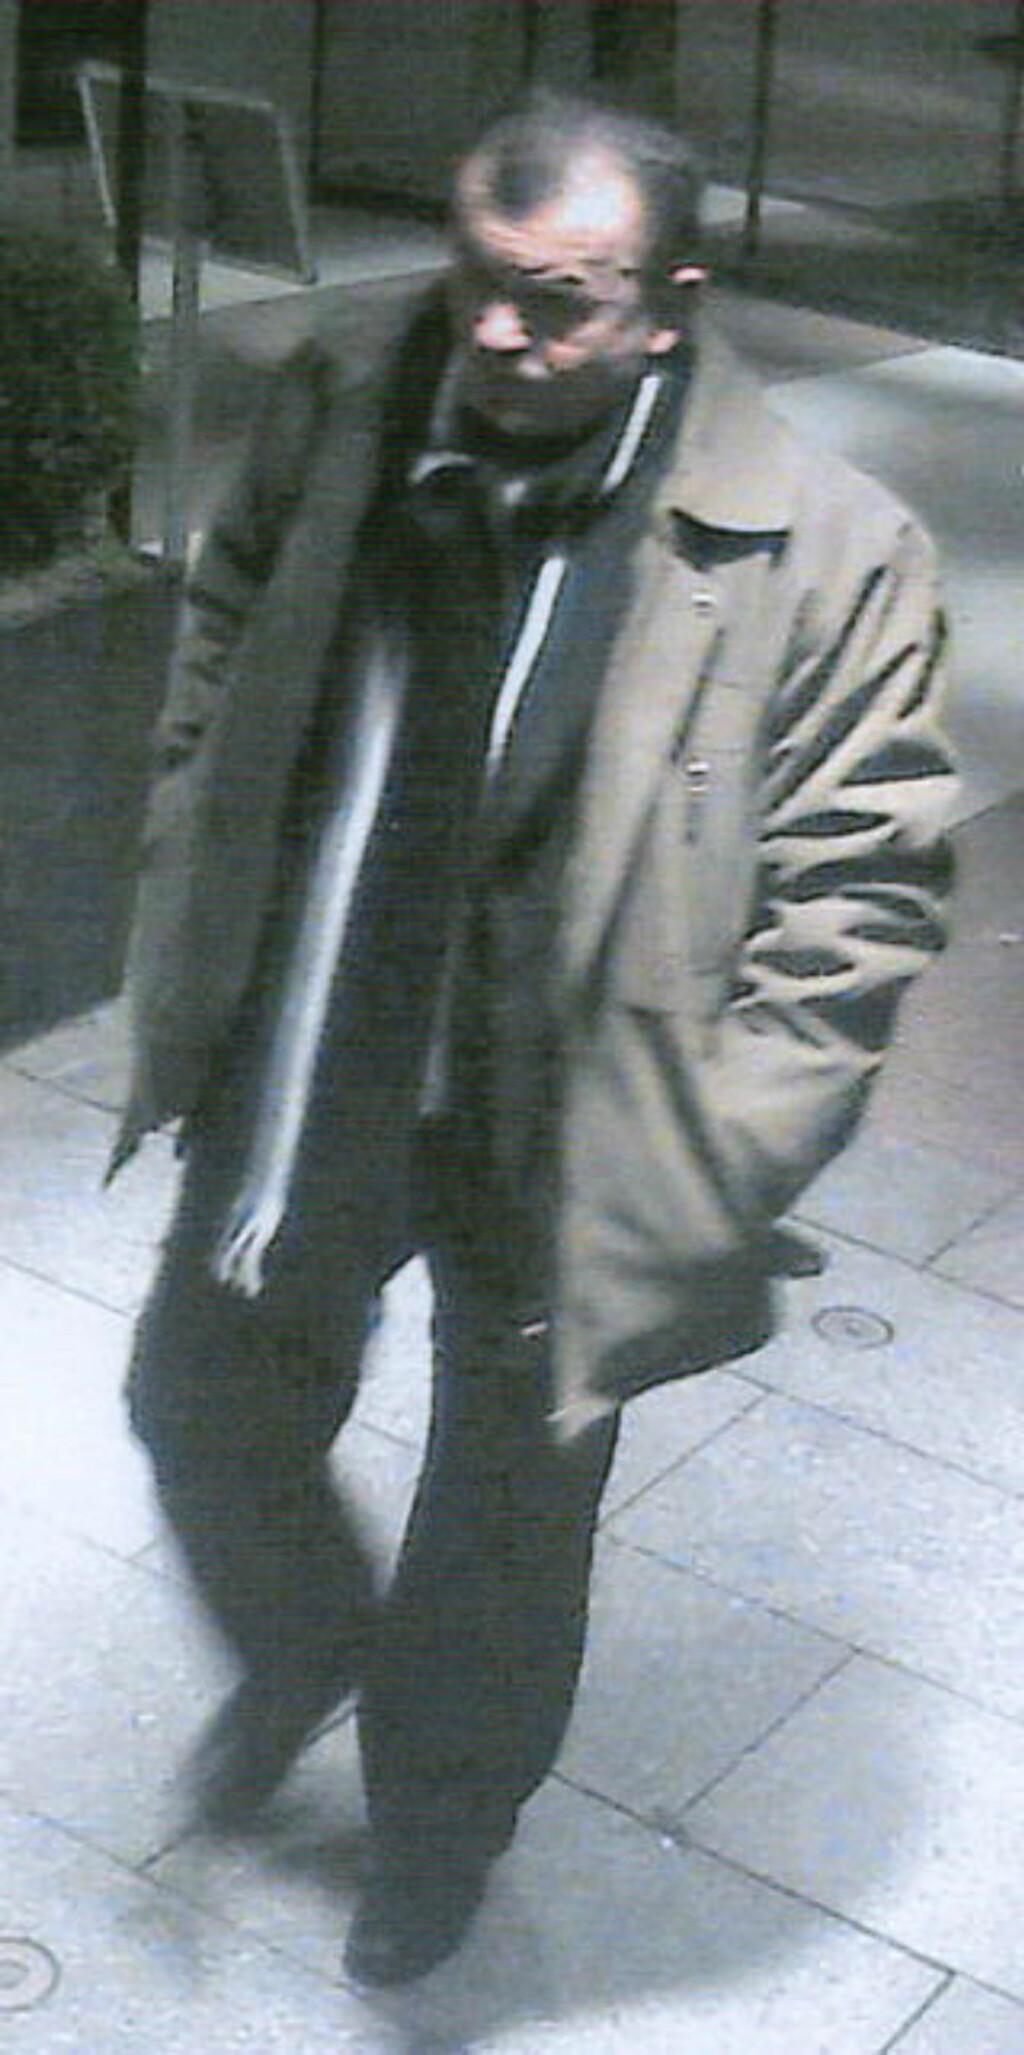 AVSLØRT: Dette er ett av mange overvåkningsbilder fra SAS-hotellet som gjorde at politiet kunne knytte Clita til drapshandlingen. Foto: Politiet